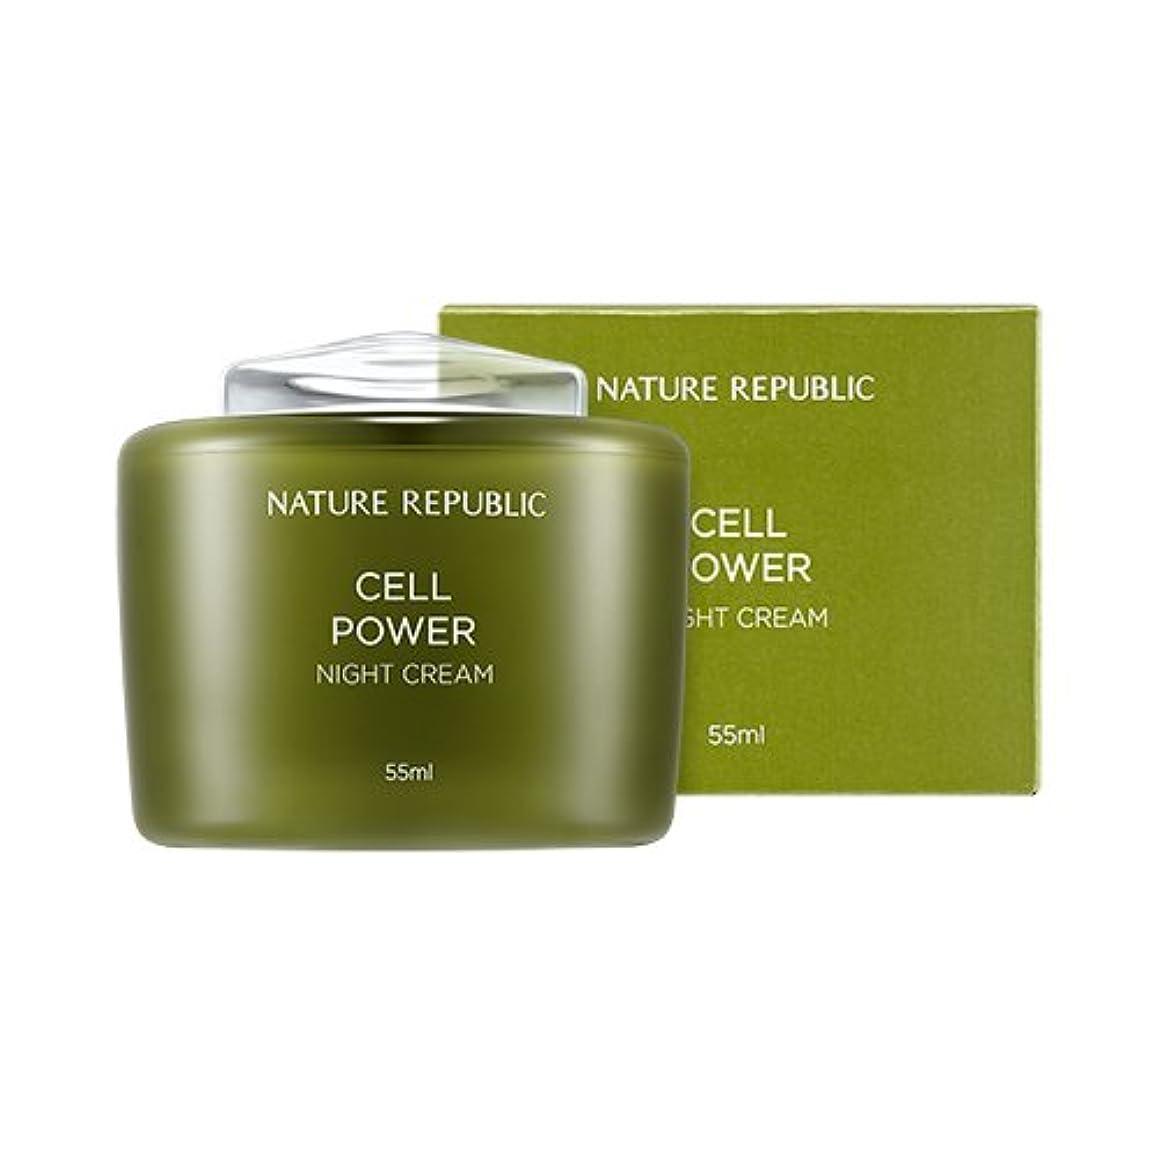 限り祈り音楽を聴くNature Republic Cell Power Night Cream ネイチャーリパブリックセルパワーナイトクリーム [並行輸入品]